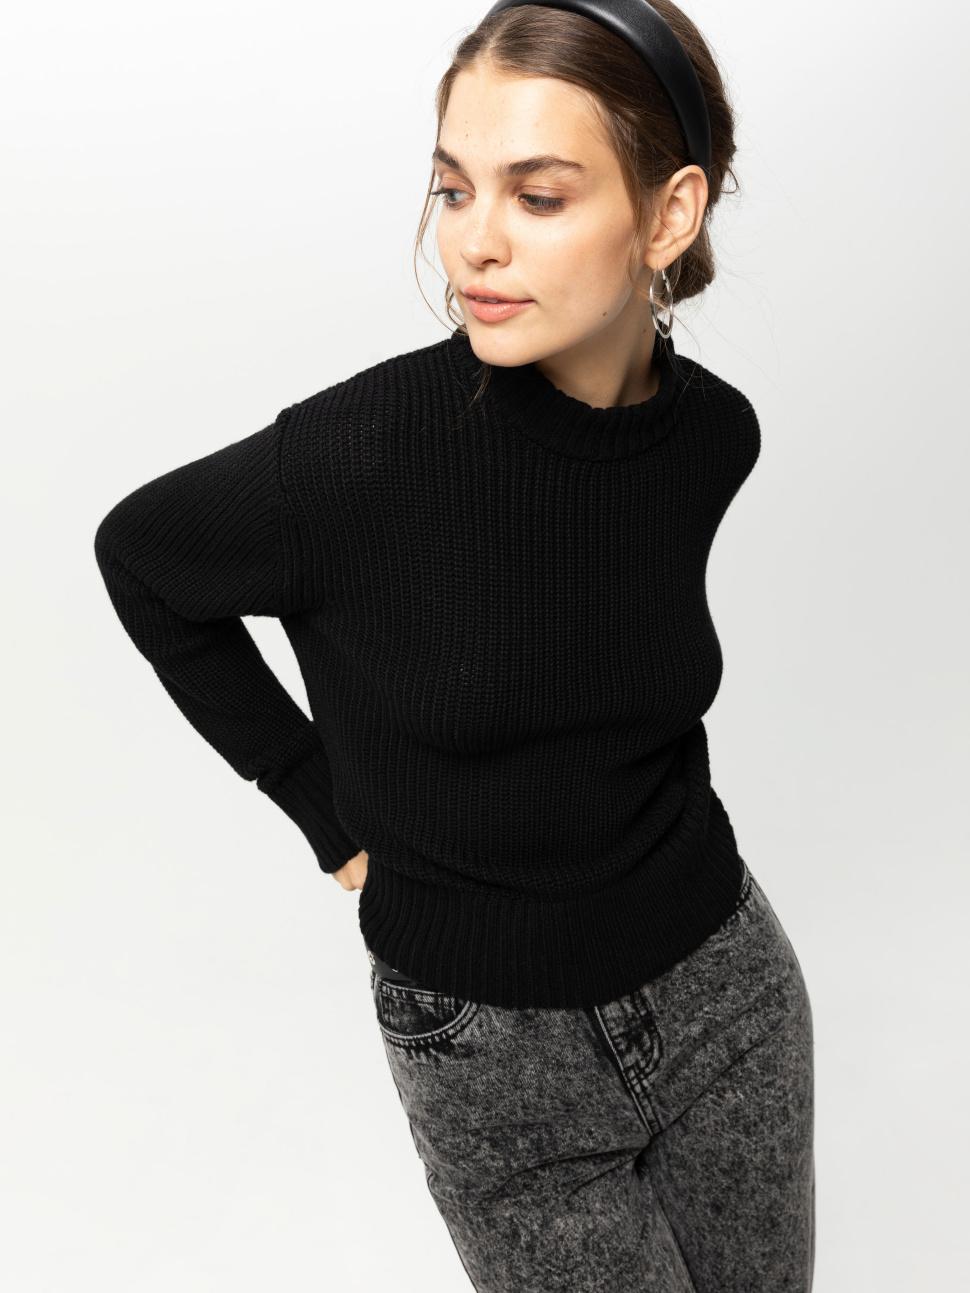 Джемпер женский цвет: черный, артикул: 0809010606 - купить в интернет-магазине sela